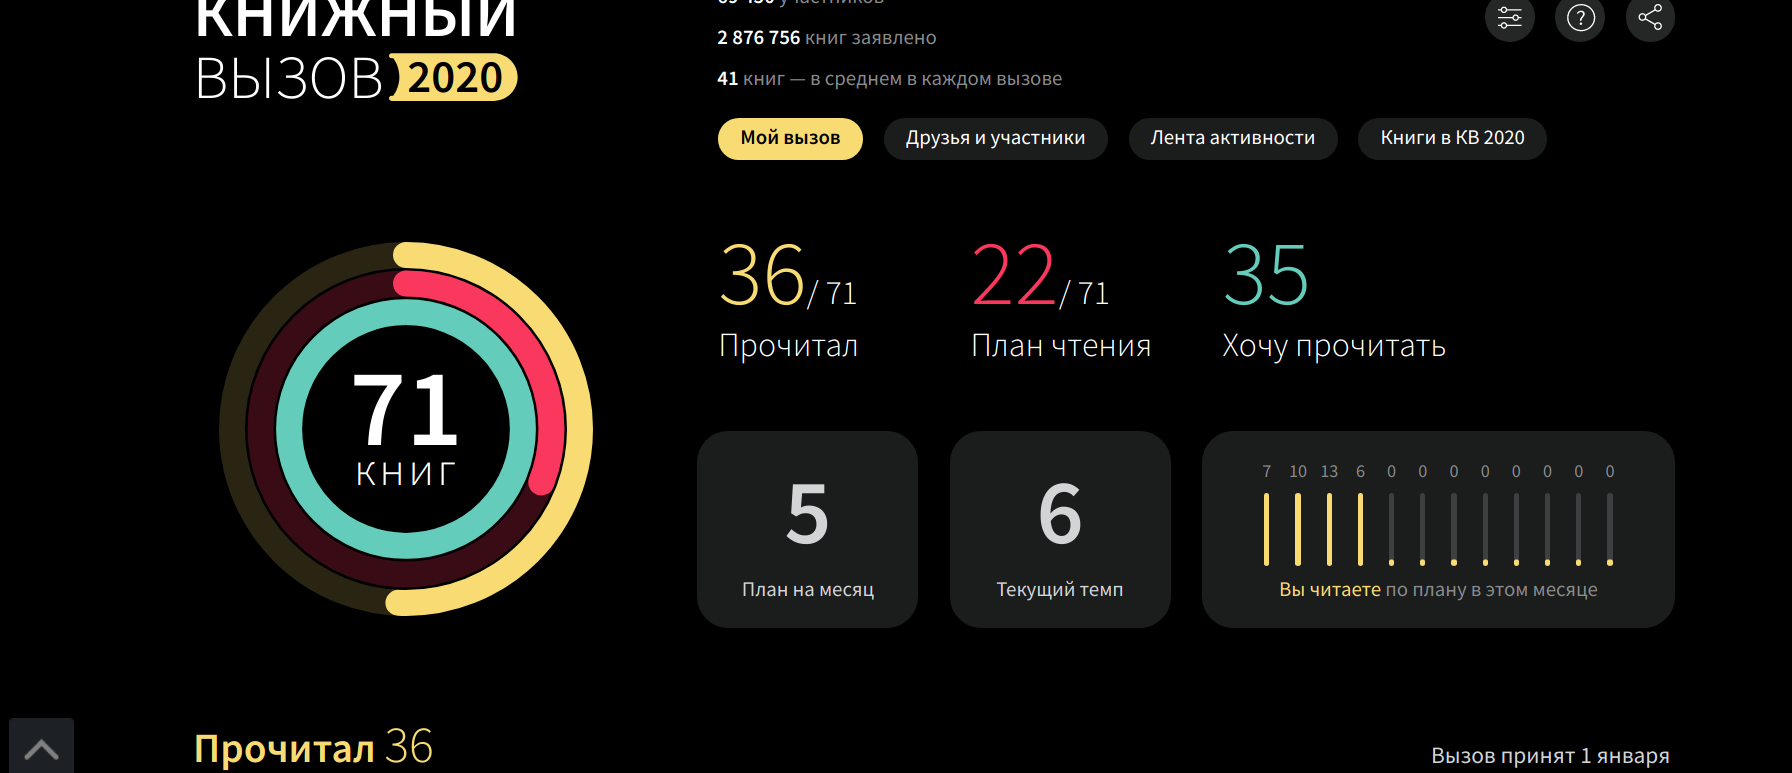 knizhny_vyzov